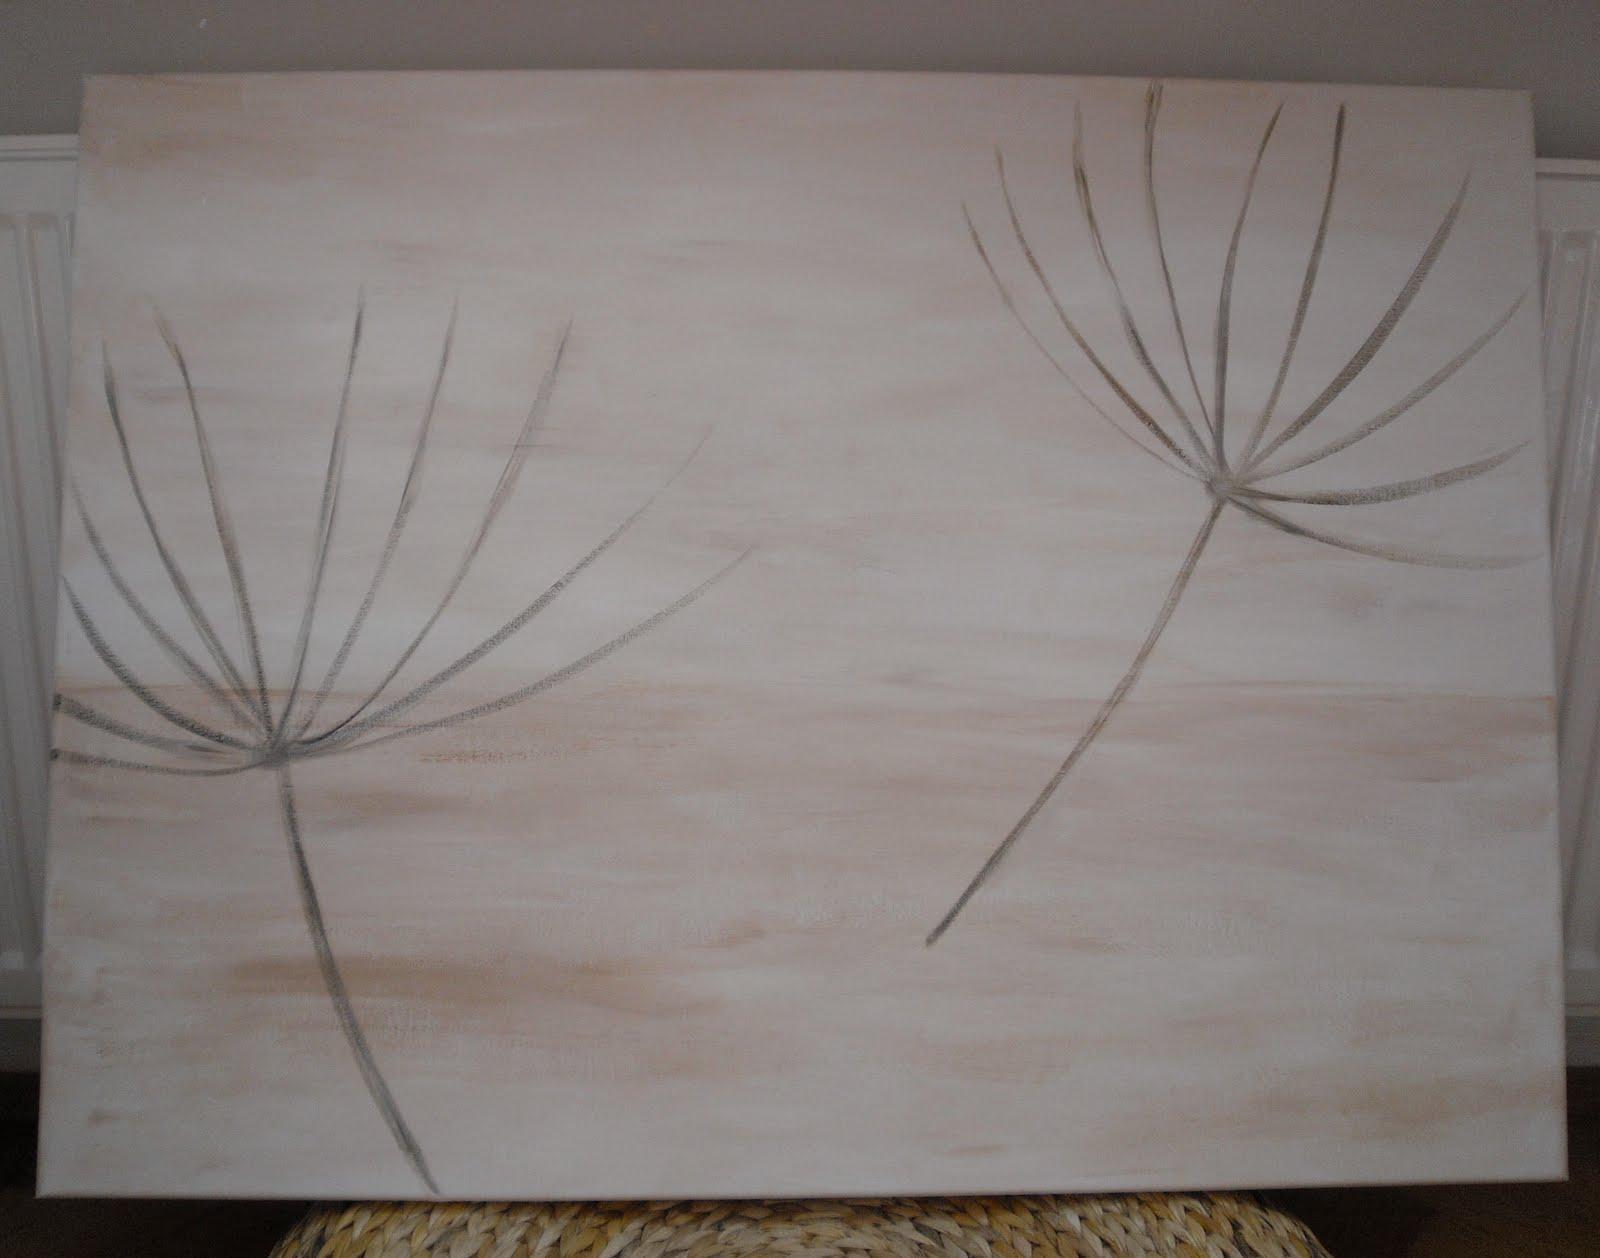 flohmarktfee bild pusteblume. Black Bedroom Furniture Sets. Home Design Ideas